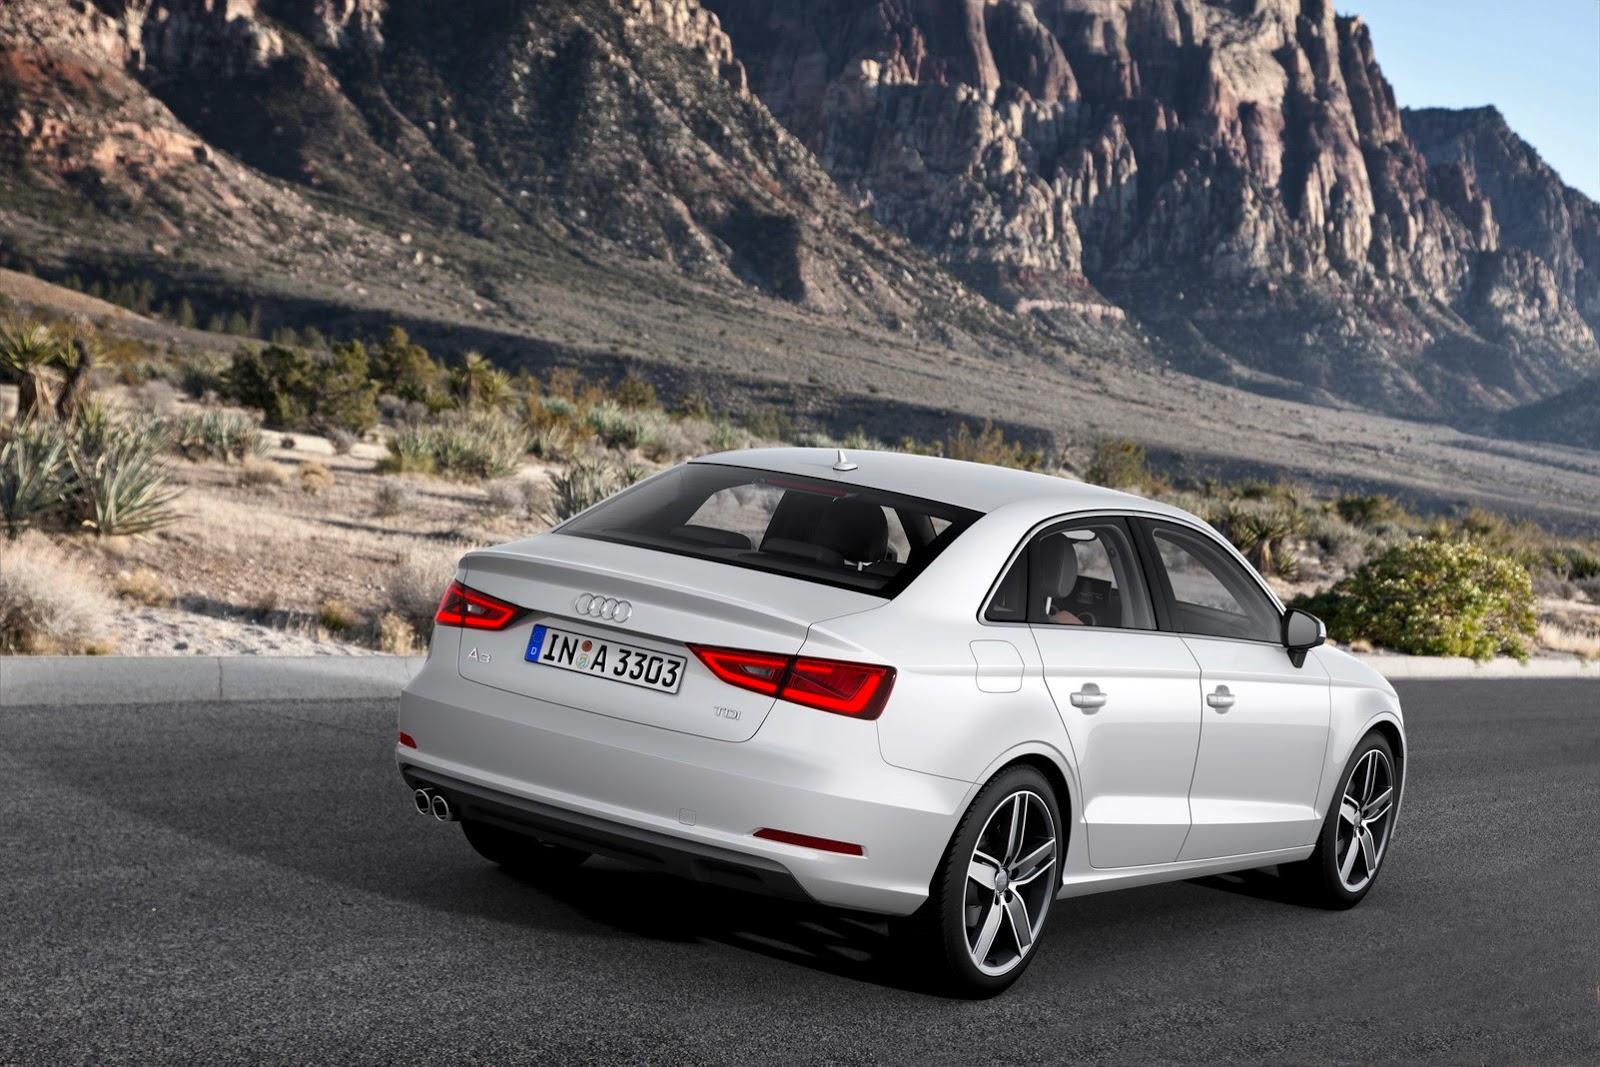 2017 Audi R8 V10 Plus Review  DoubleClutchca